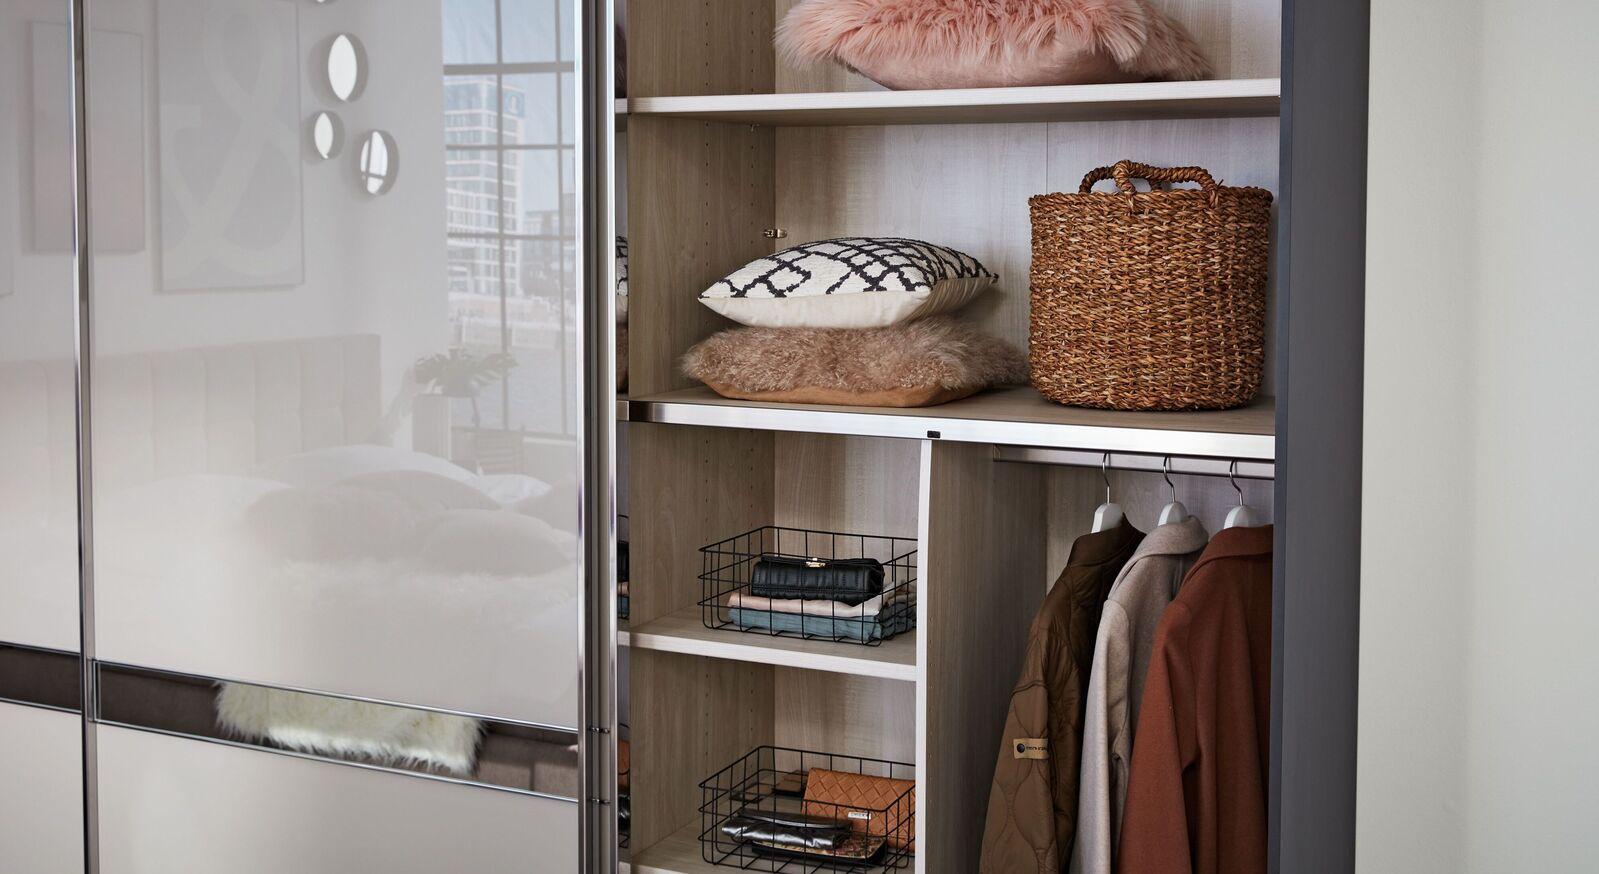 INTERLIVING Schwebetüren-Kleiderschrank 1206 mit praktischen Einlegeböden